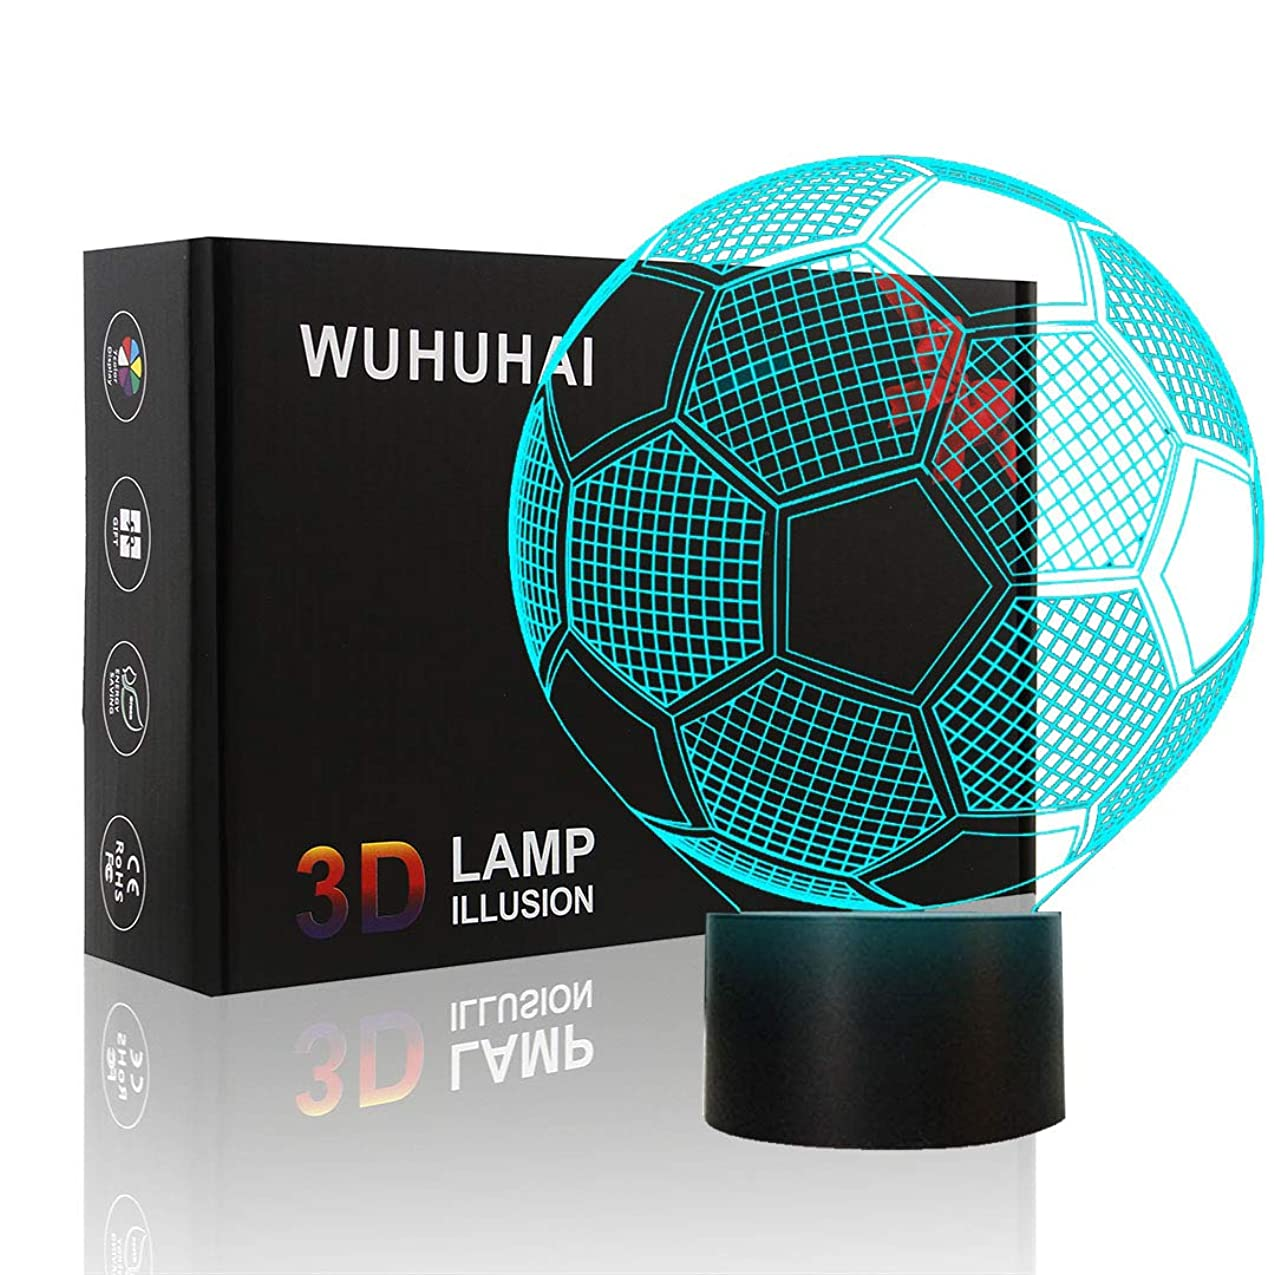 平らな商業の買い物に行く子供用サッカーナイトライト 3Dランプ イリュージョン ナイトライト ギフト 誕生日 タッチボタン 7色 USB充電照明 子供用 バレンタイン 女の子用ギフト